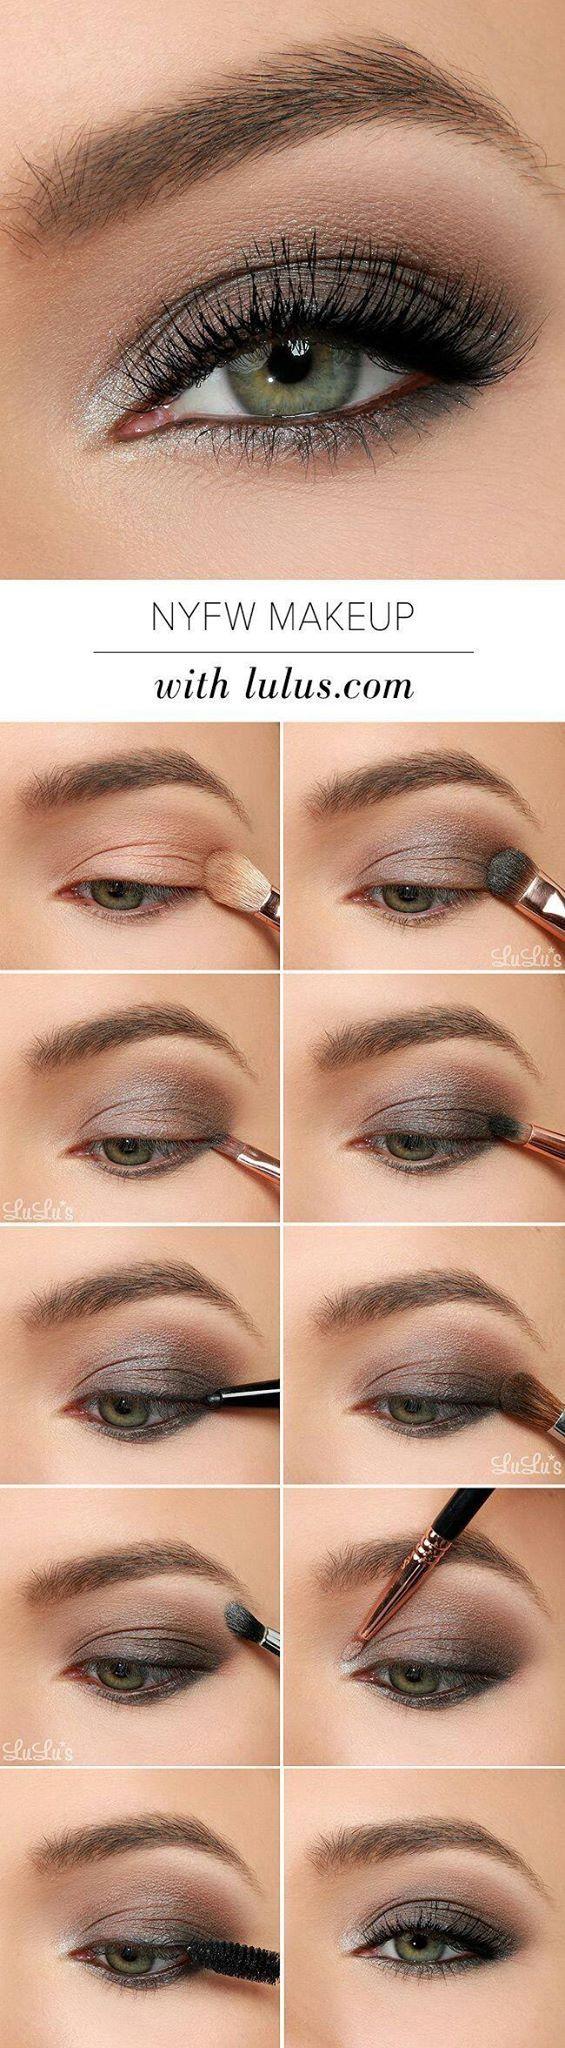 Pin By Tamara Baranov On Pinterest Make Up Eye And Make